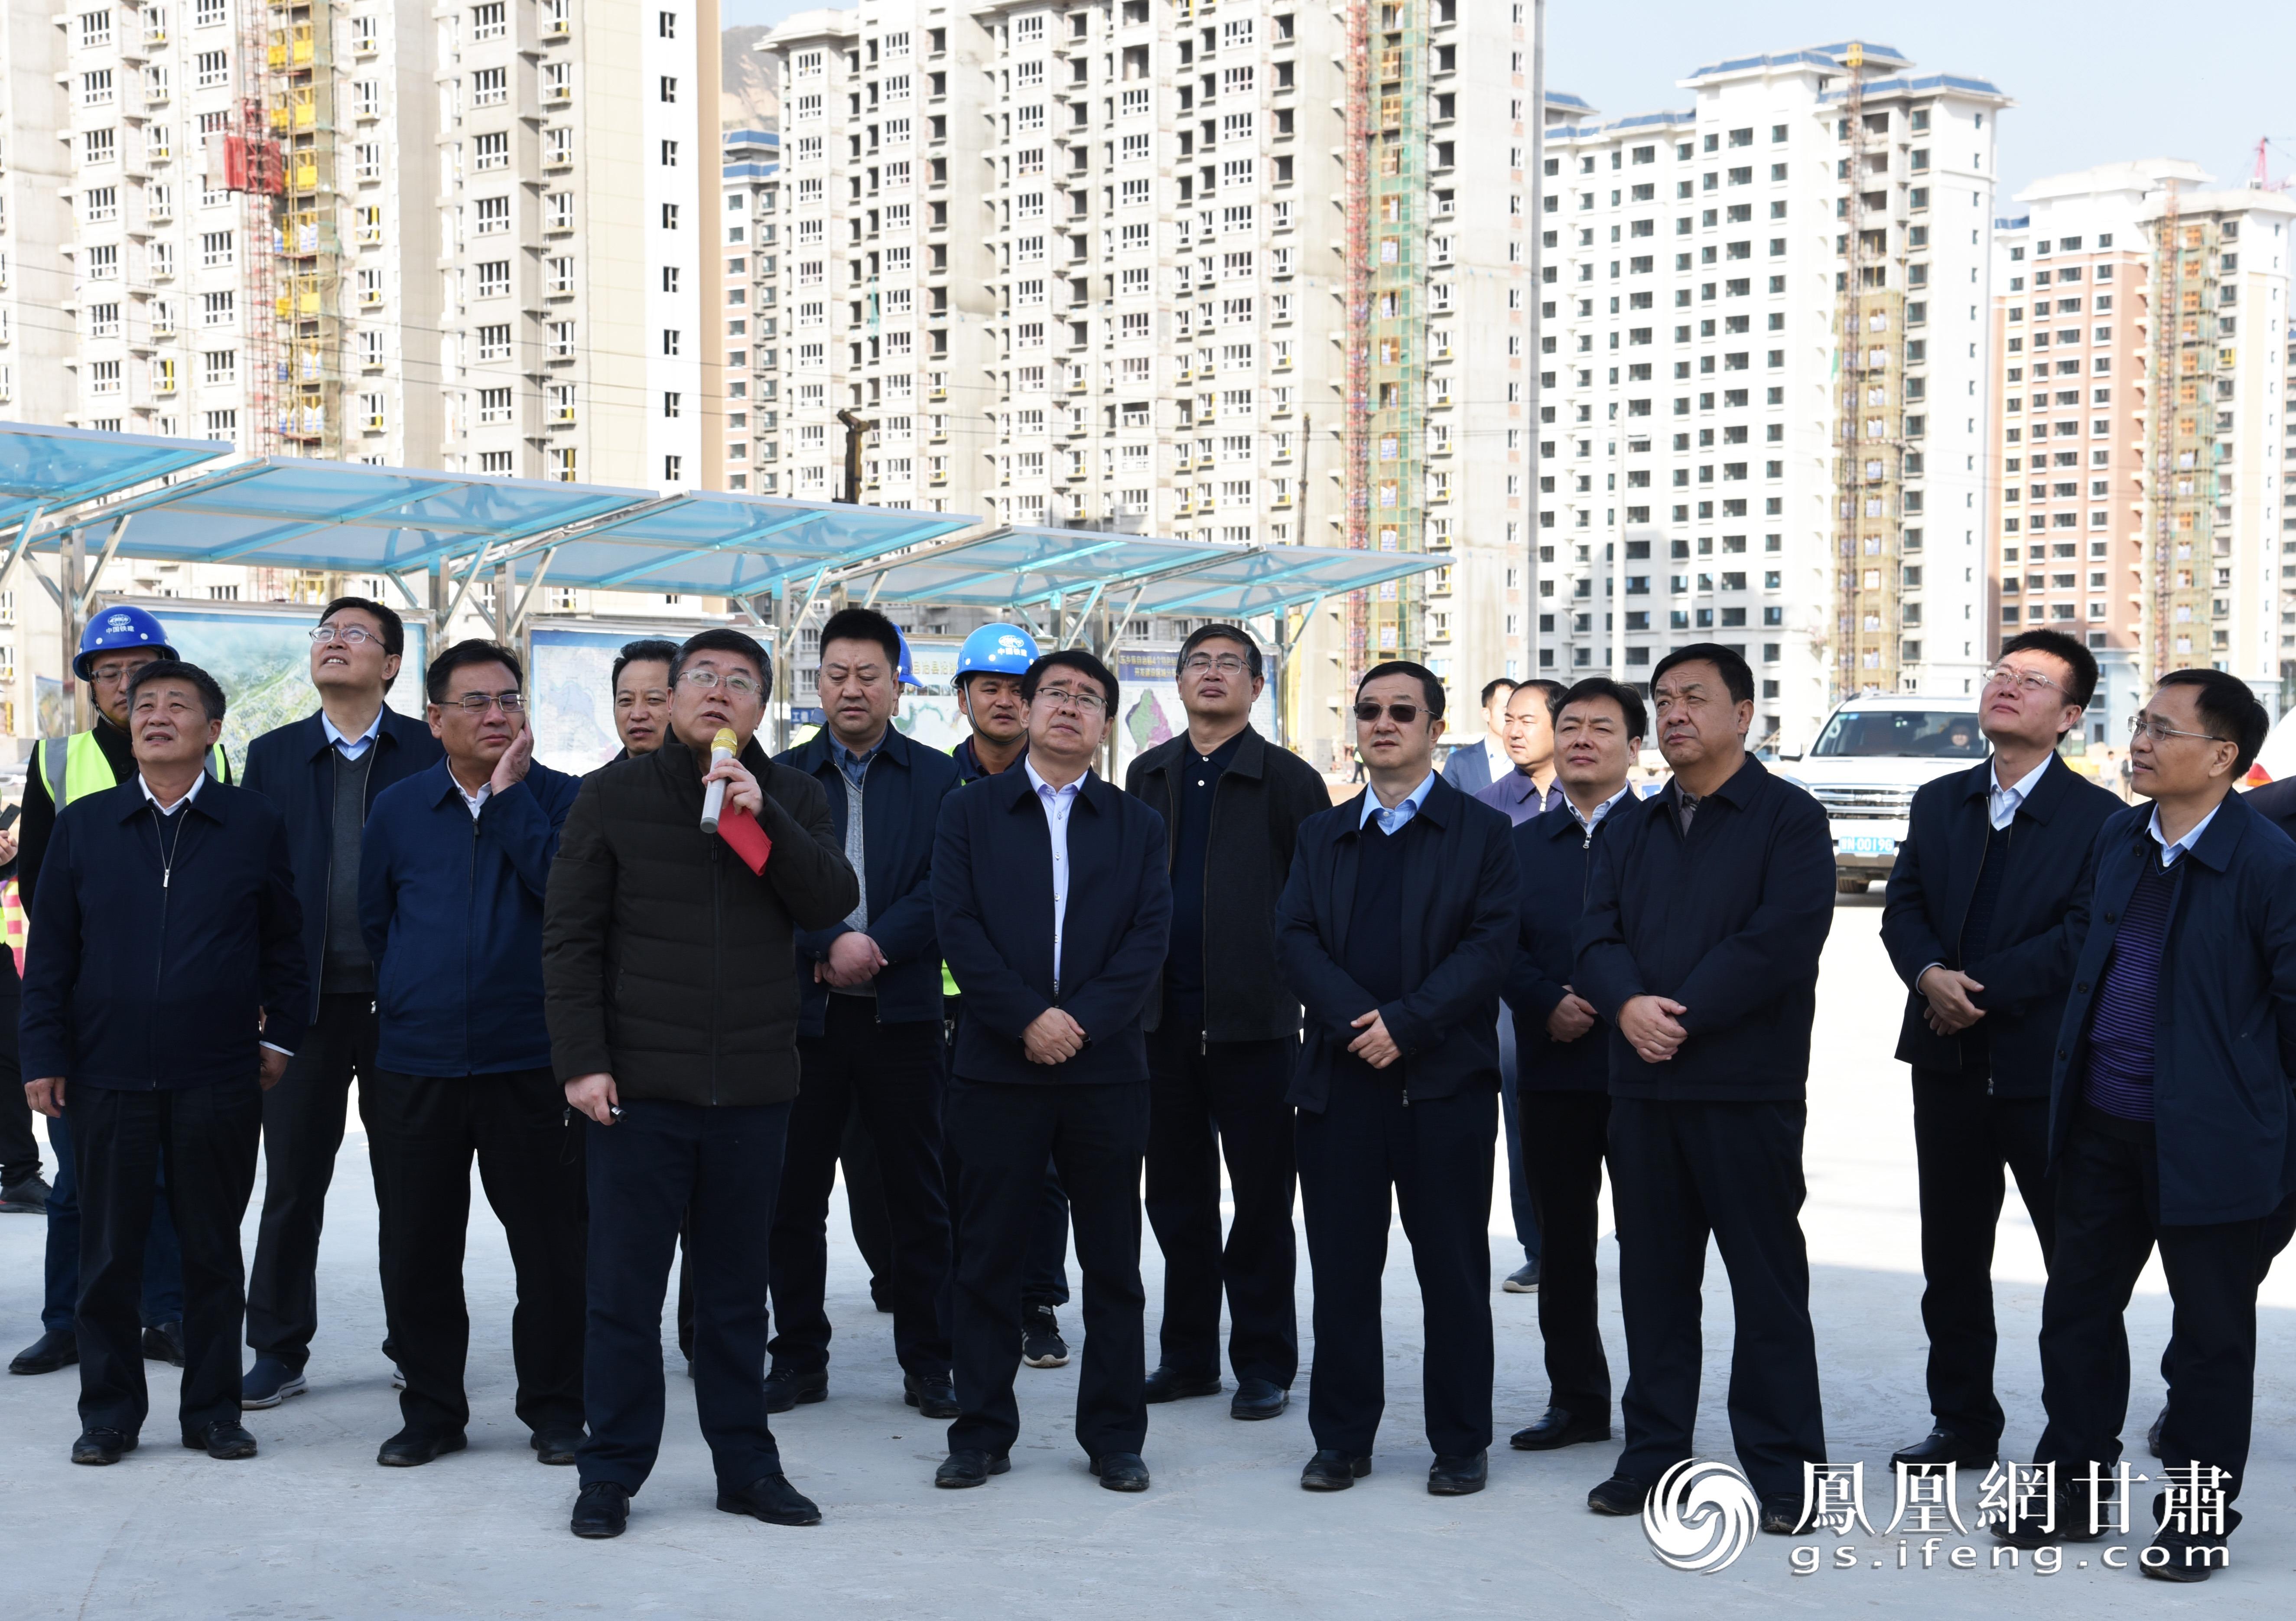 中国铁建股份有限公司党委常委、副总裁李宁一行深入项目一线调研